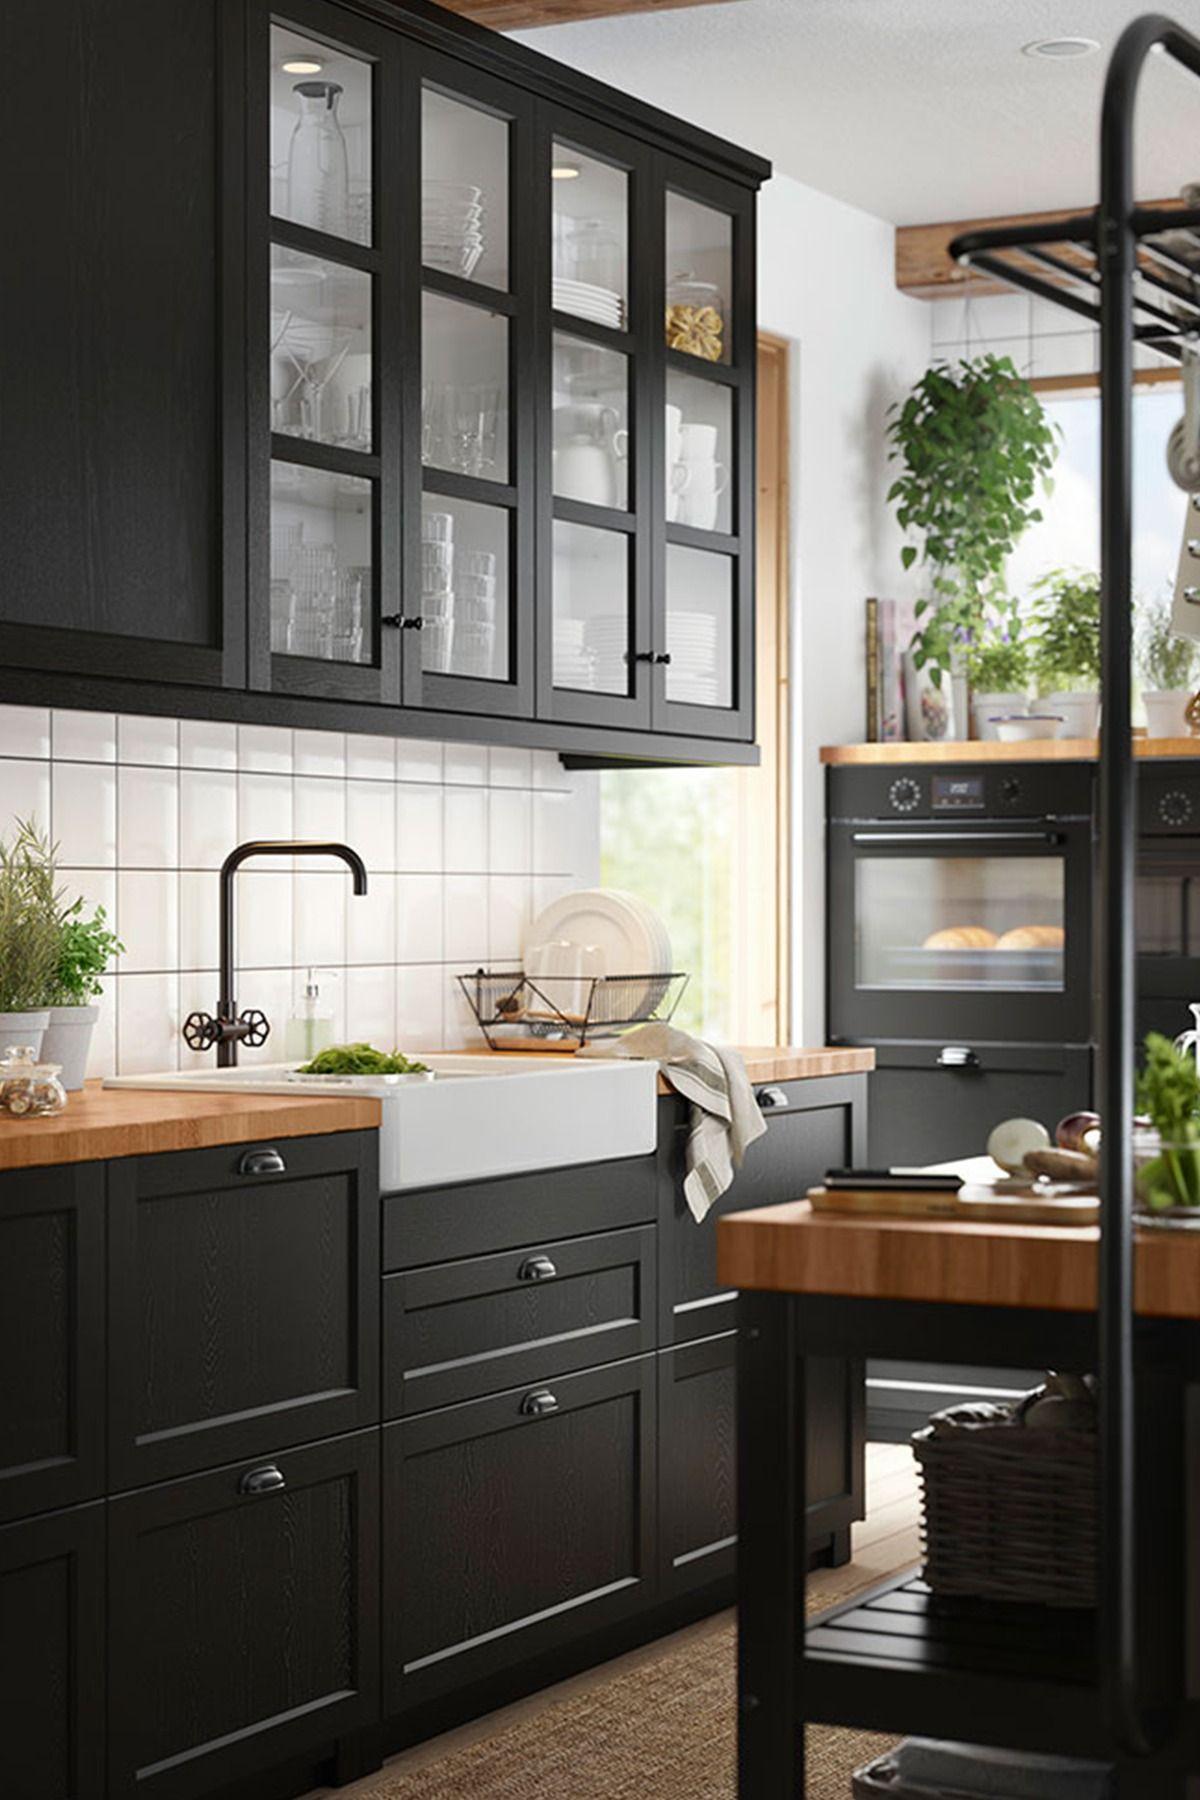 Beste Keuken - inspiratie voor je nieuwe keuken (met afbeeldingen HY-58